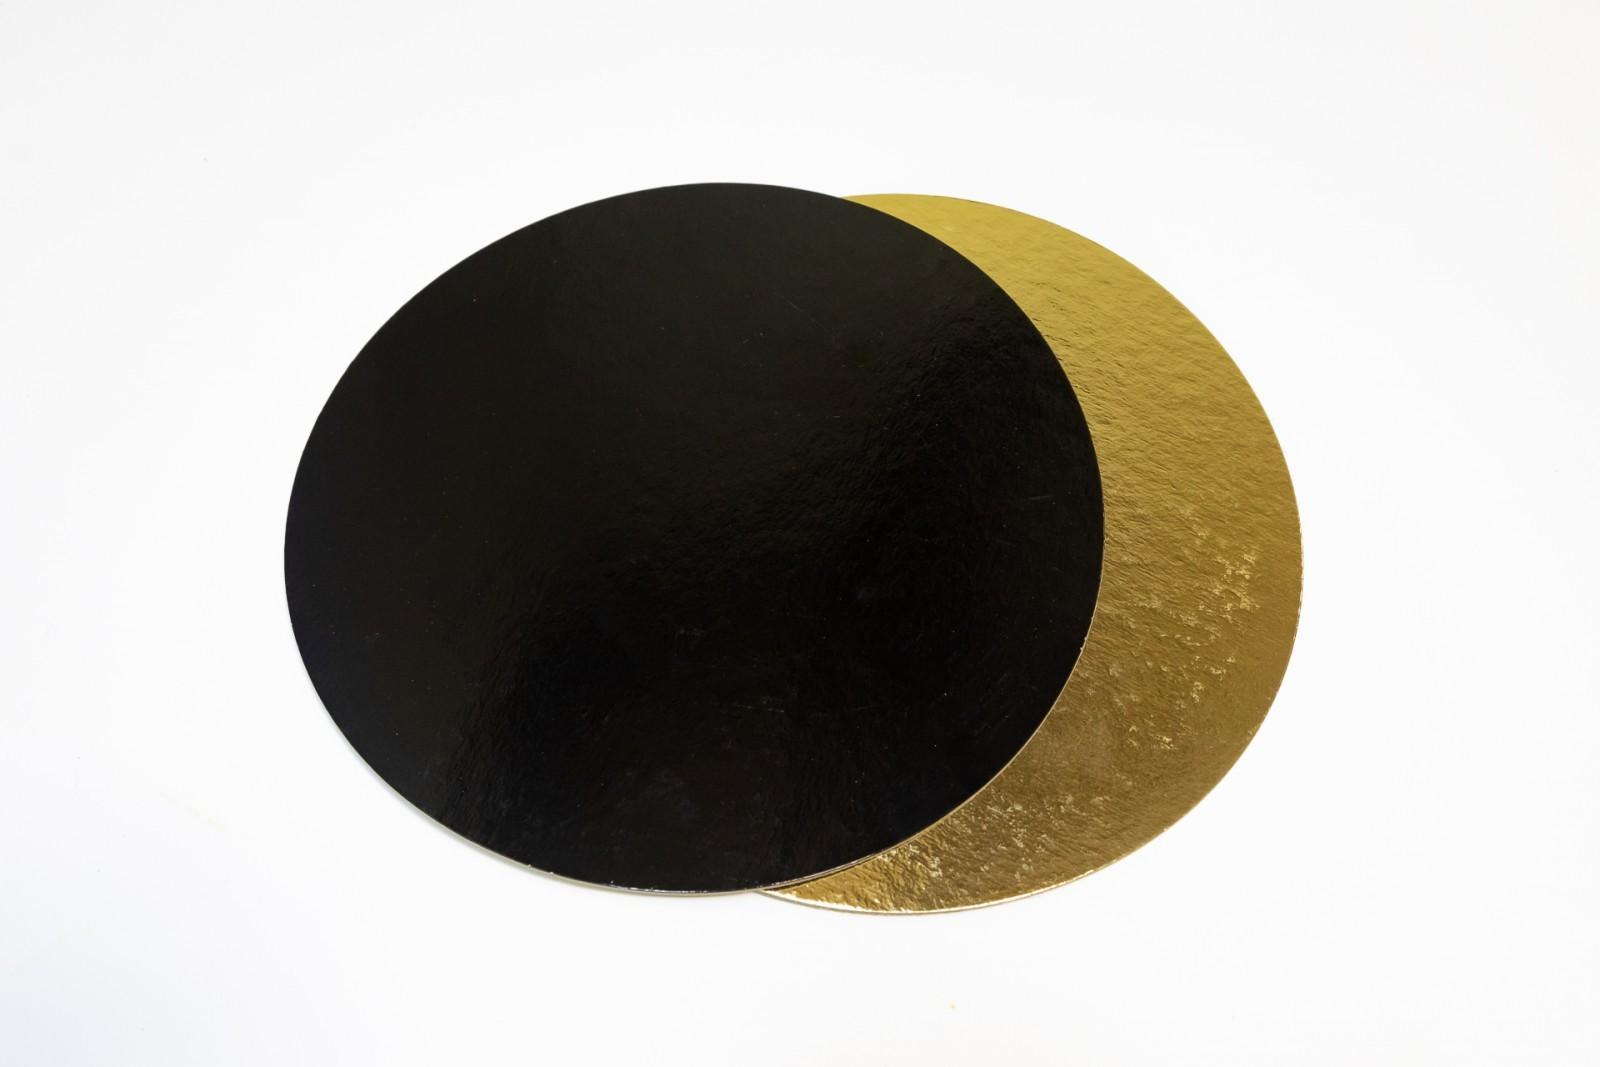 Подложка усиленная двухсторонняя, 3 мм (золото/чёрный), диаметр 26 см